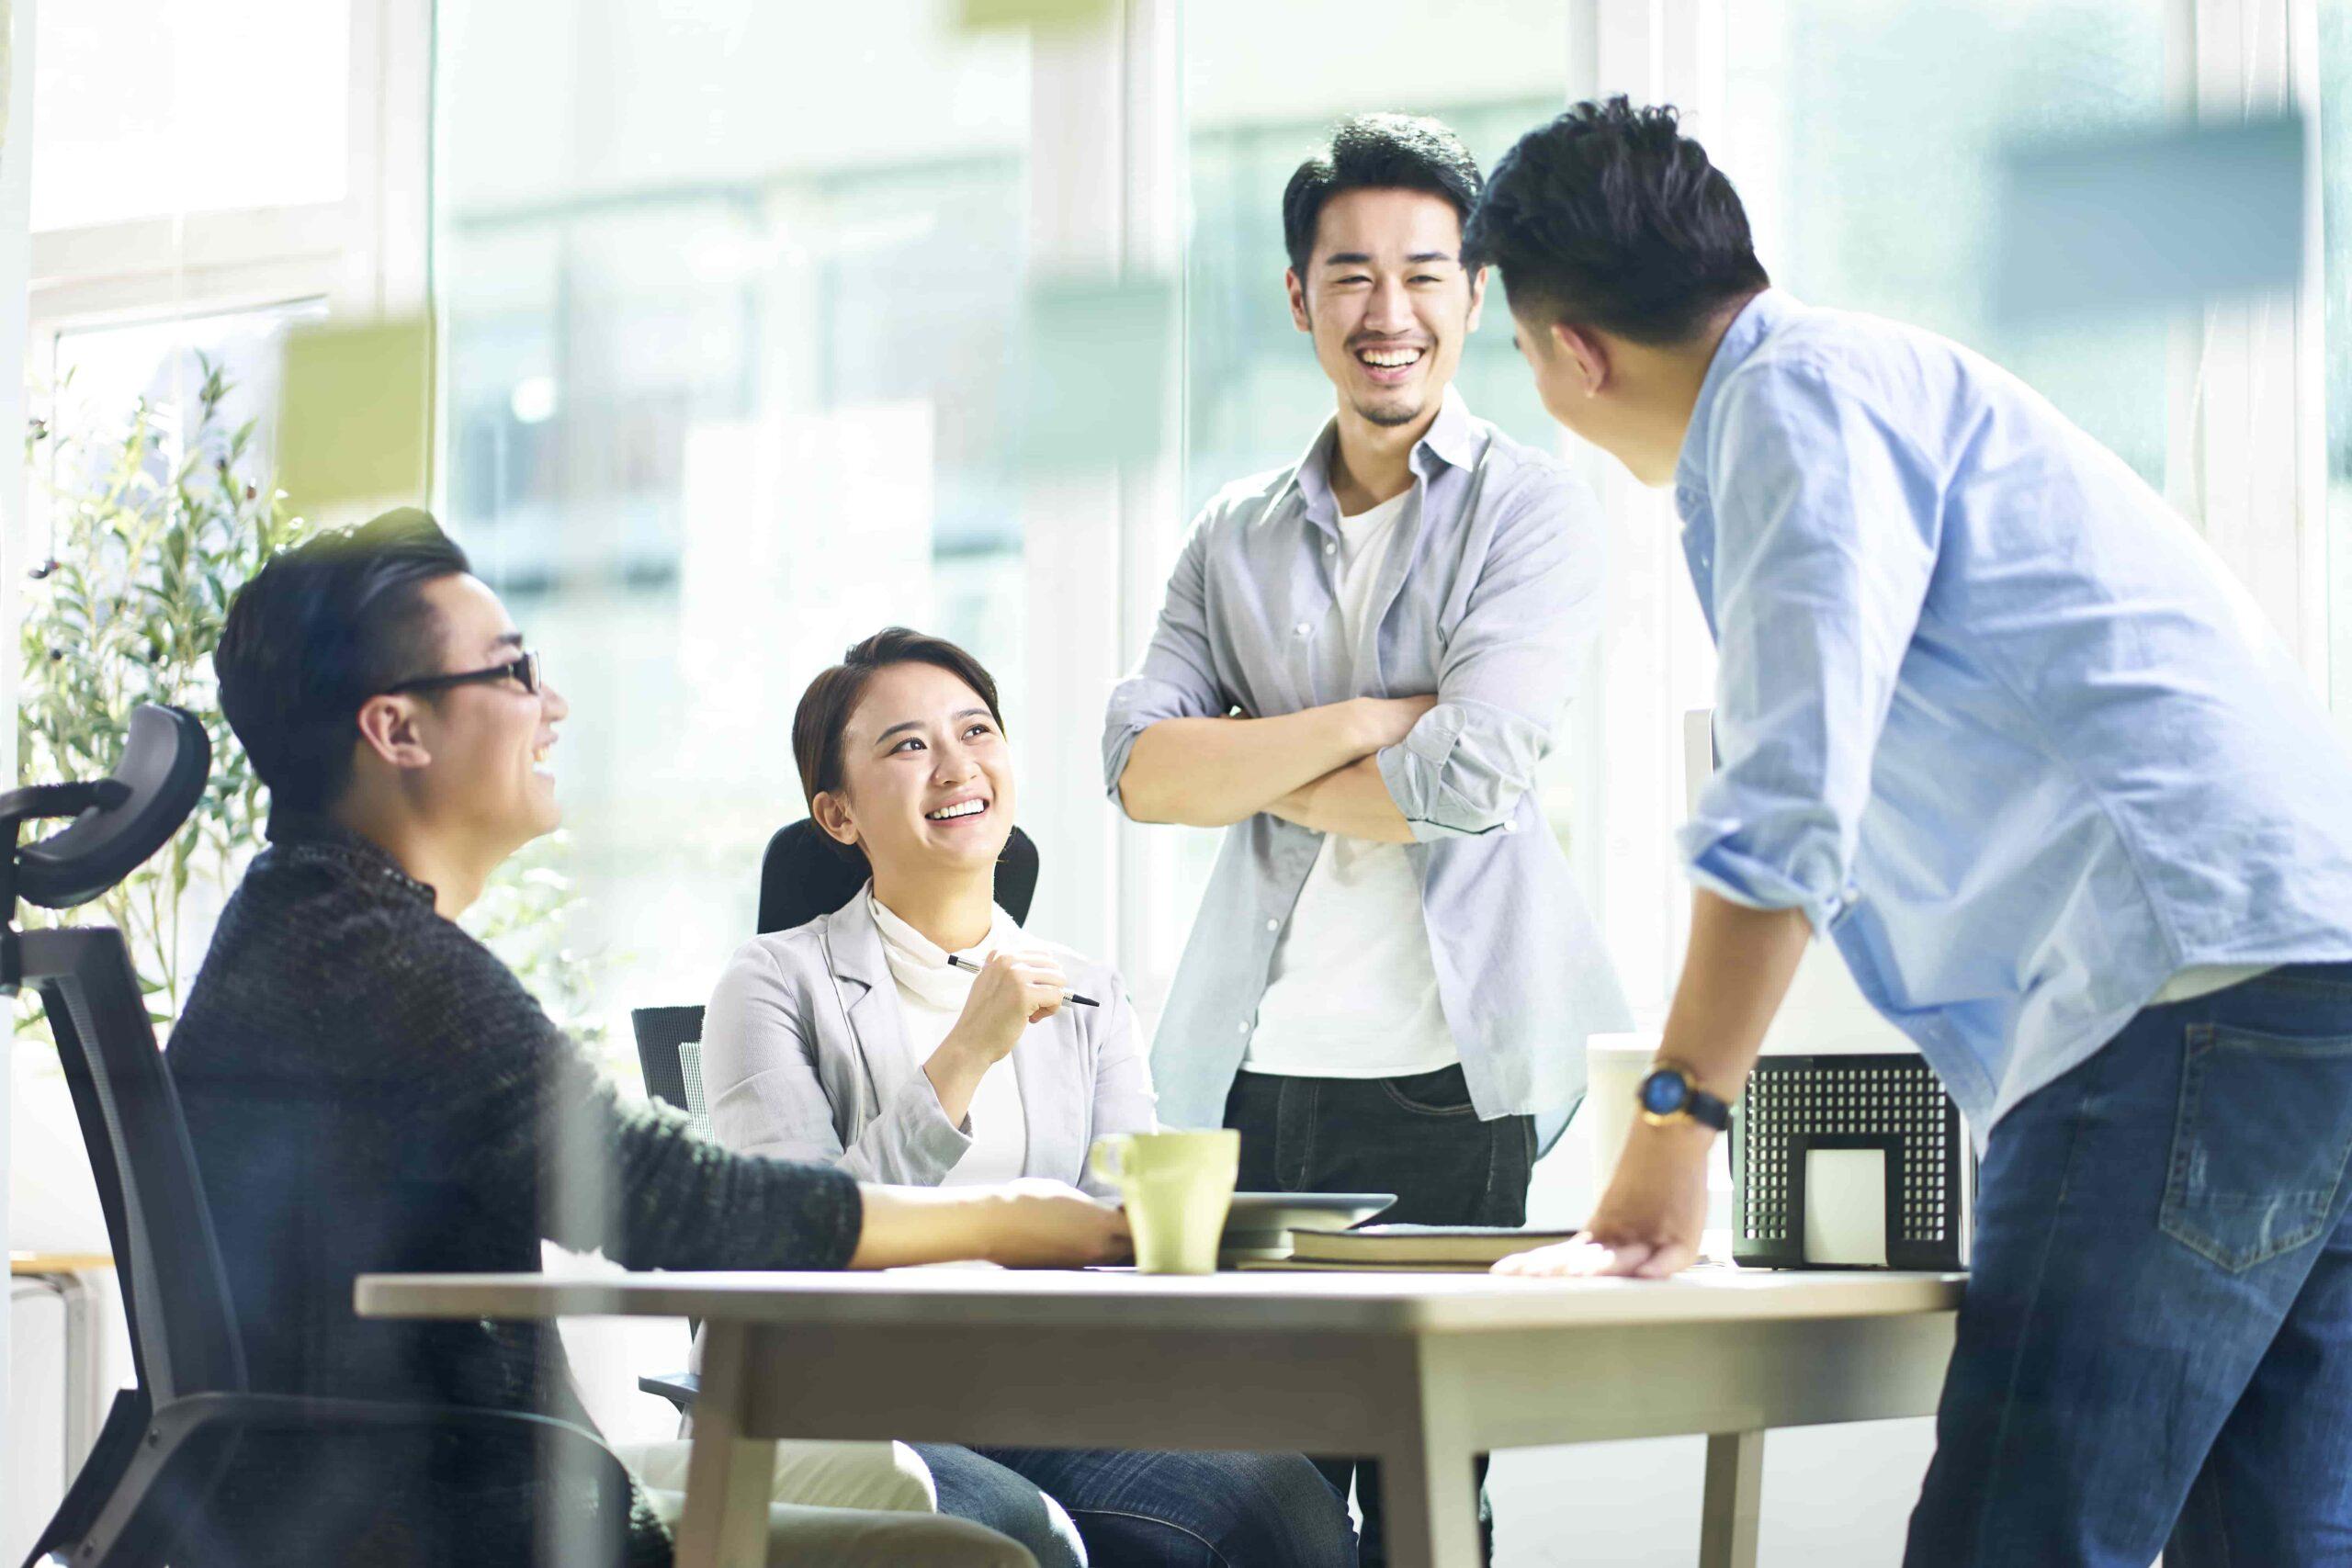 まとめ:オフィス環境と新卒採用は、直結している